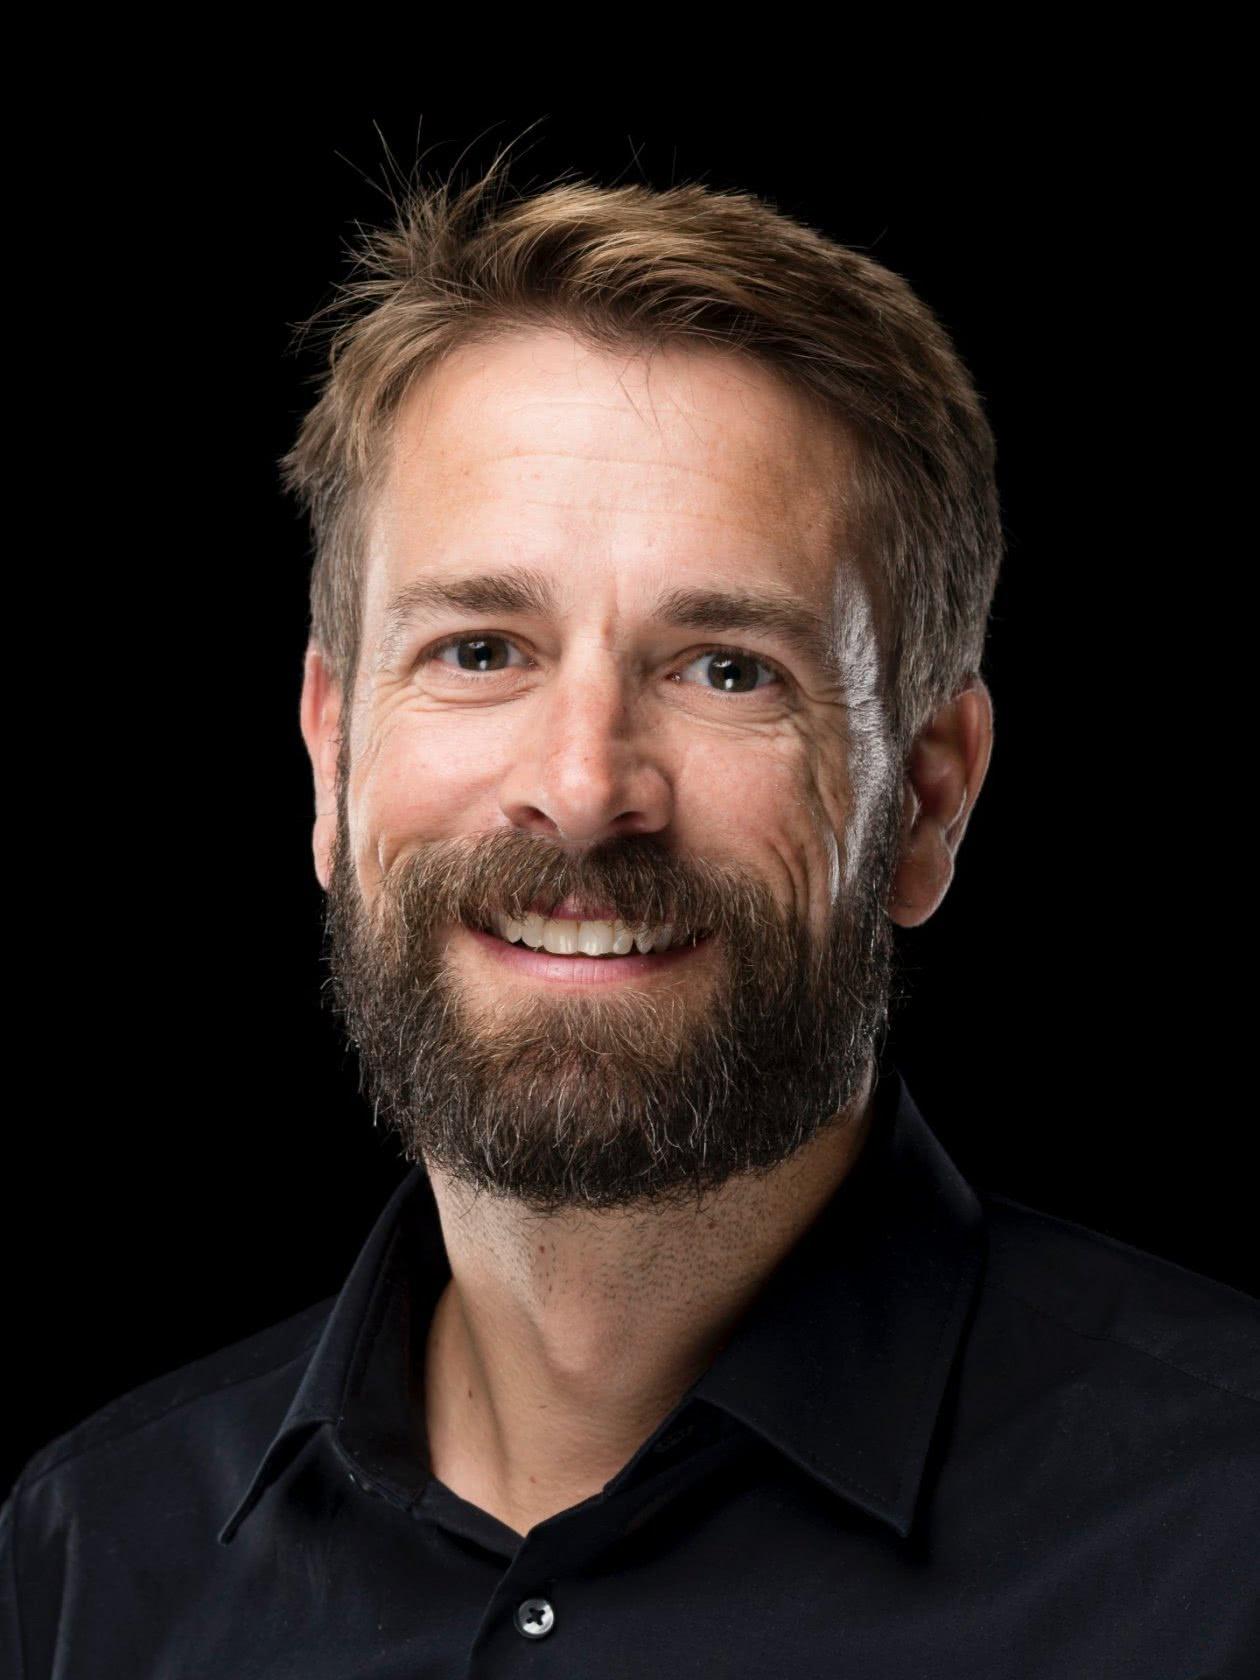 Marc Klopfenstein